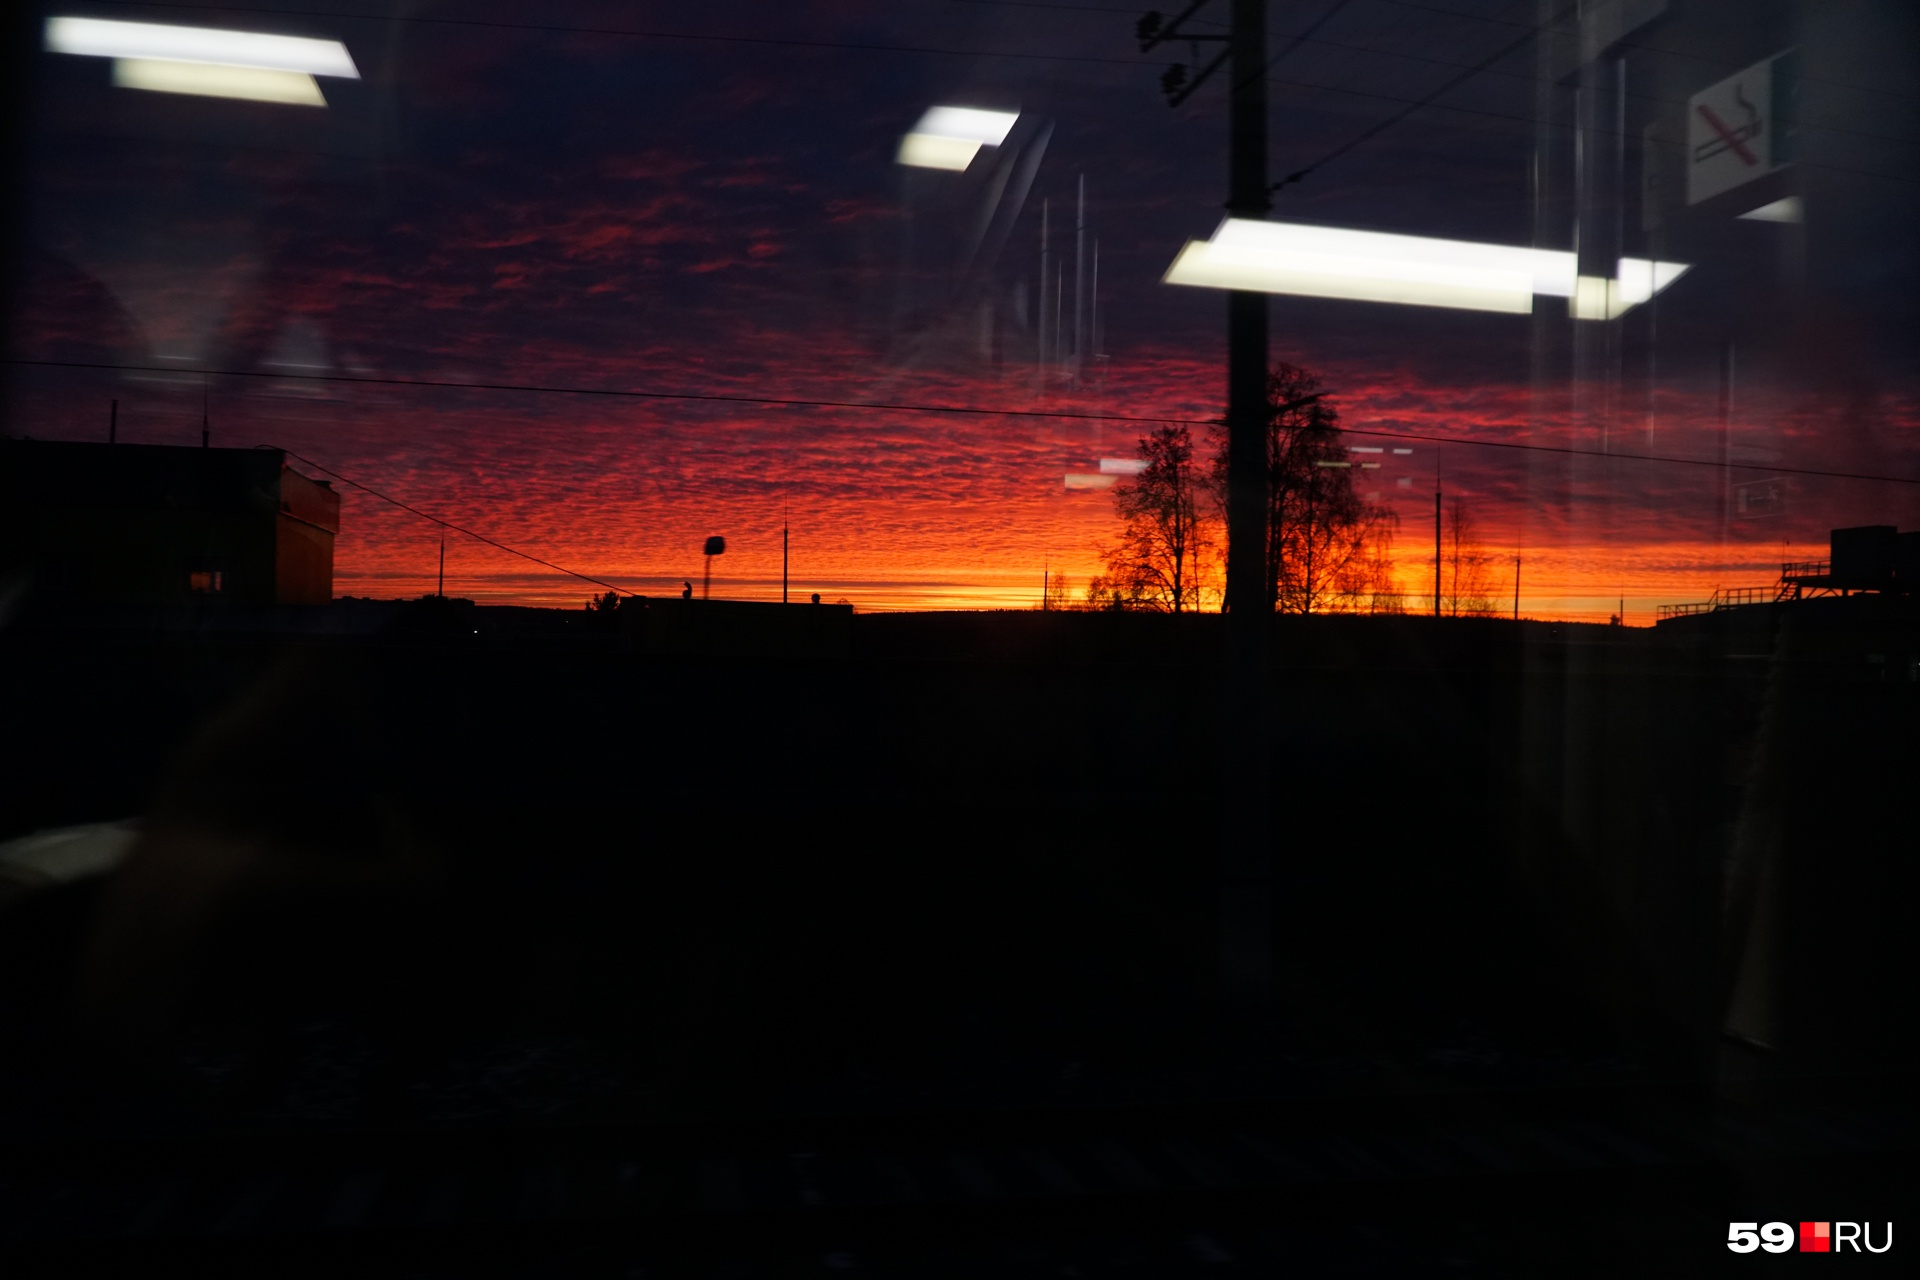 Восход сегодня был шикарный